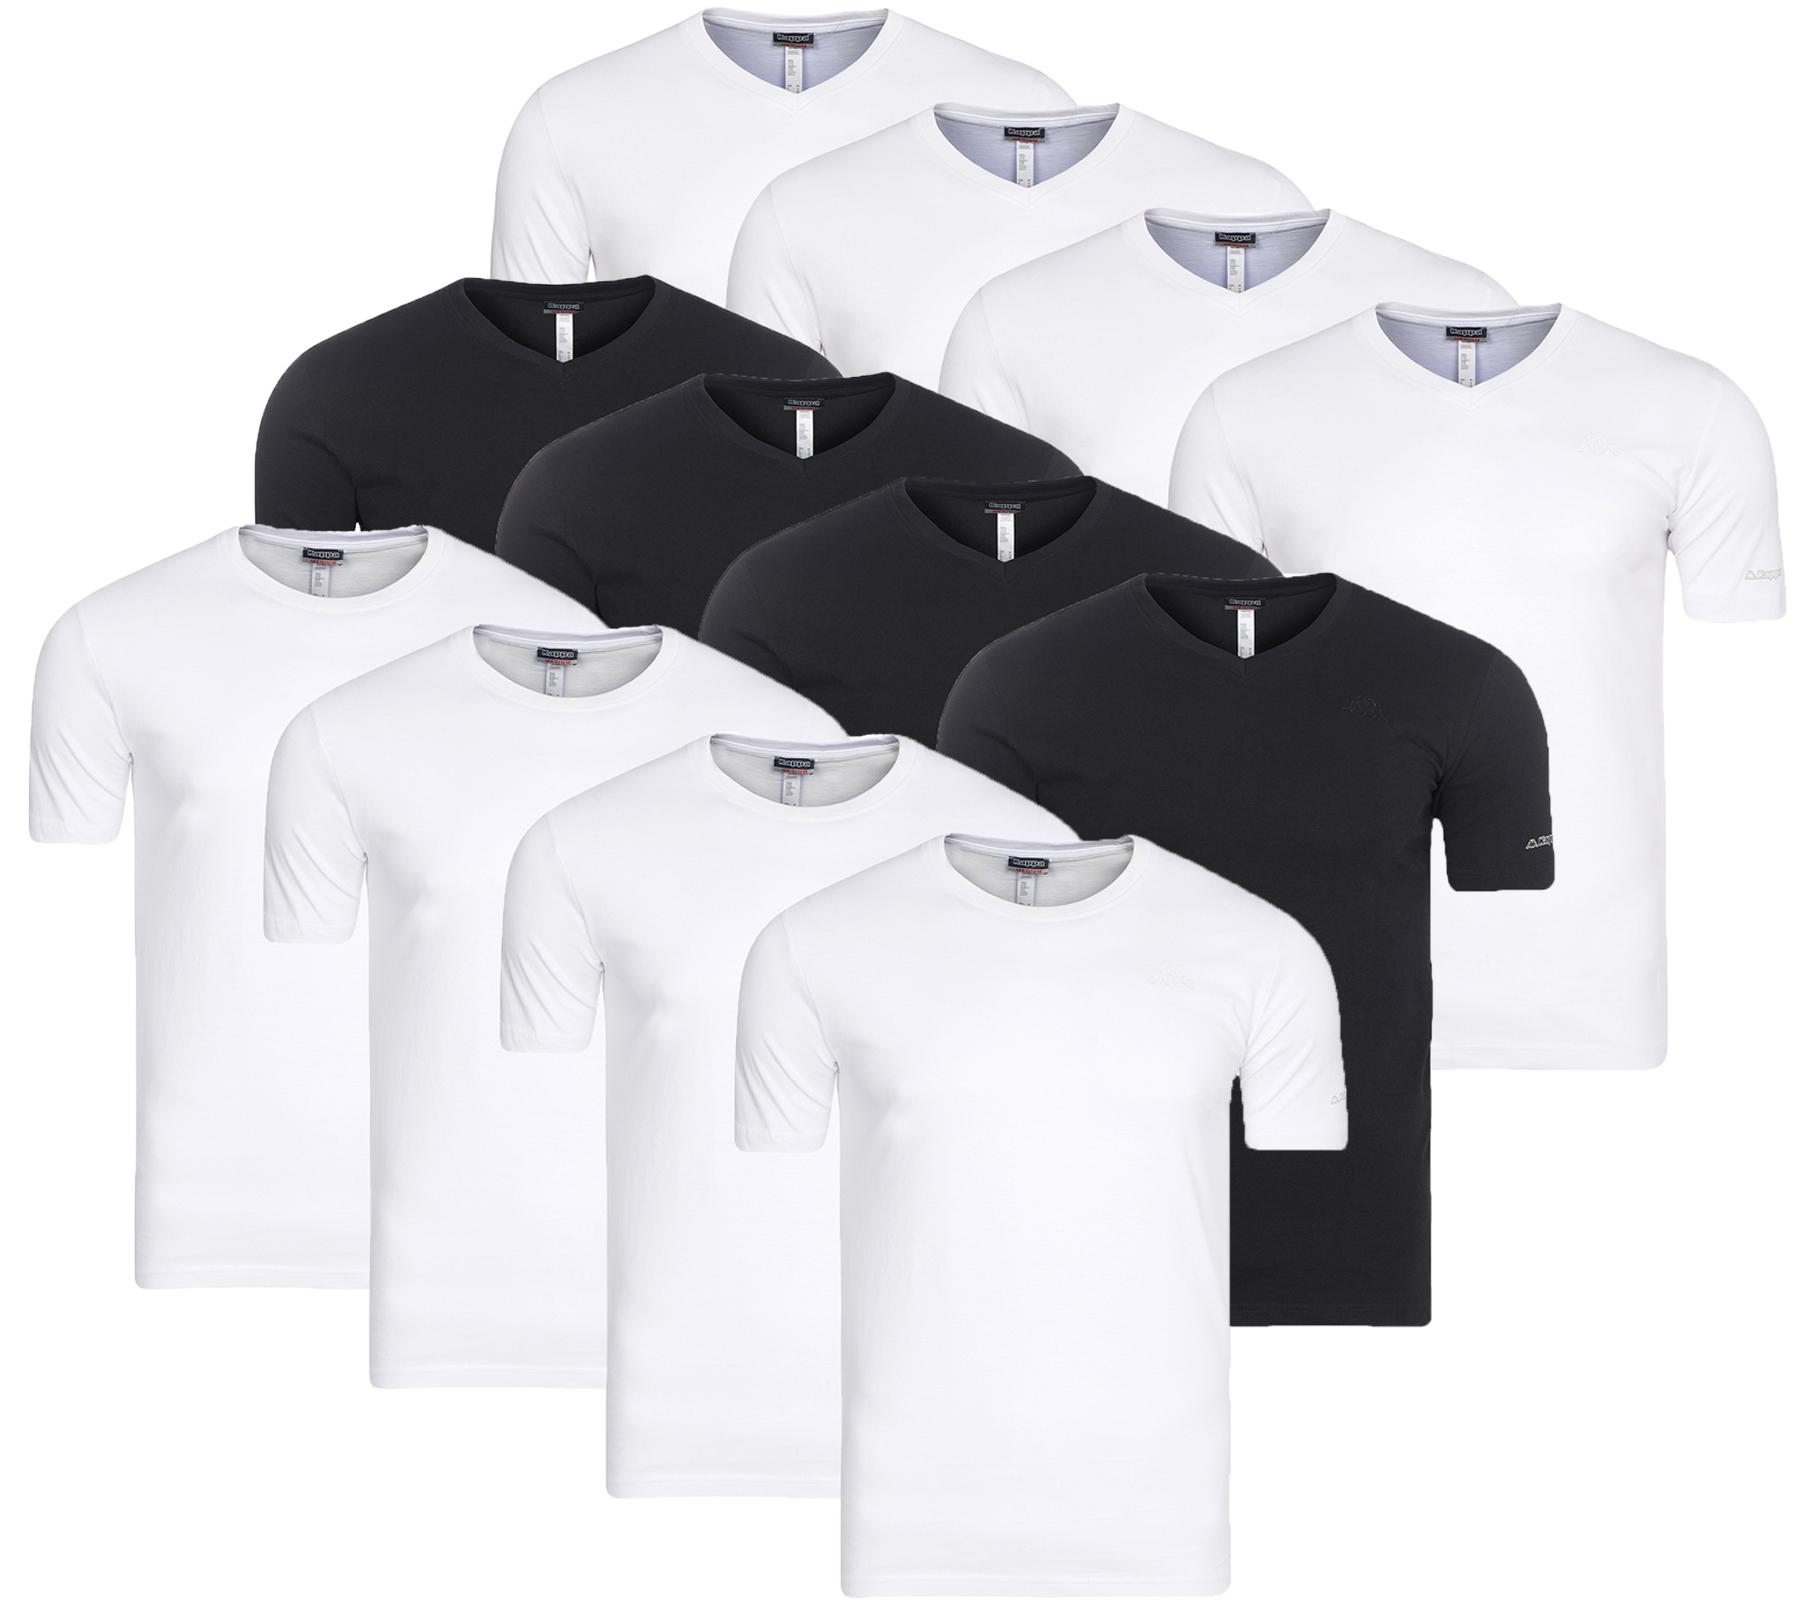 4er Pack Kappa Sebbo 2 & Tobias Herren T-Shirt Unterhemd (Outlet46)